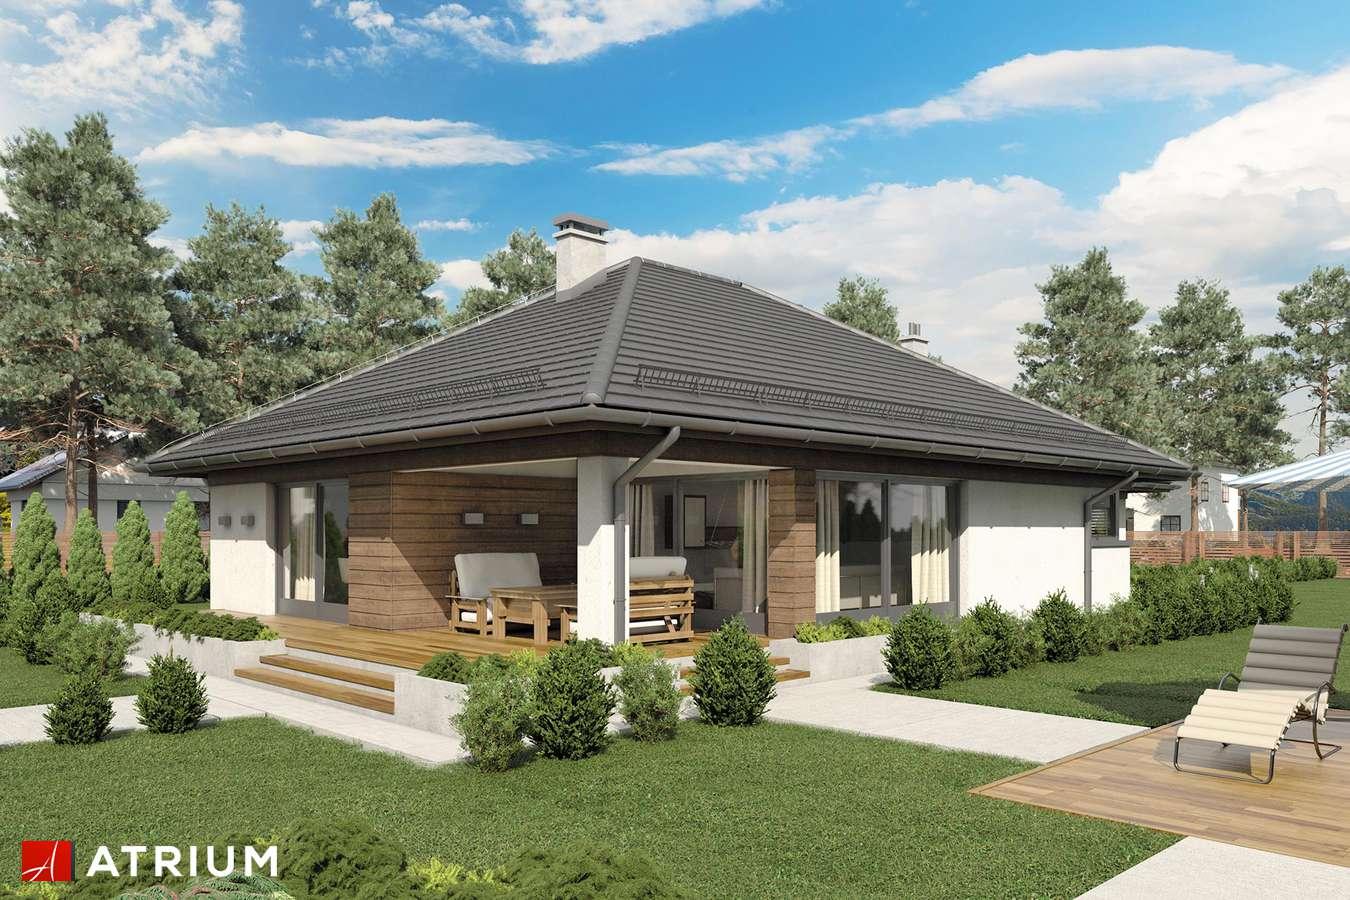 Projekty domów - Projekt domu parterowego MORGAN II - wizualizacja 2